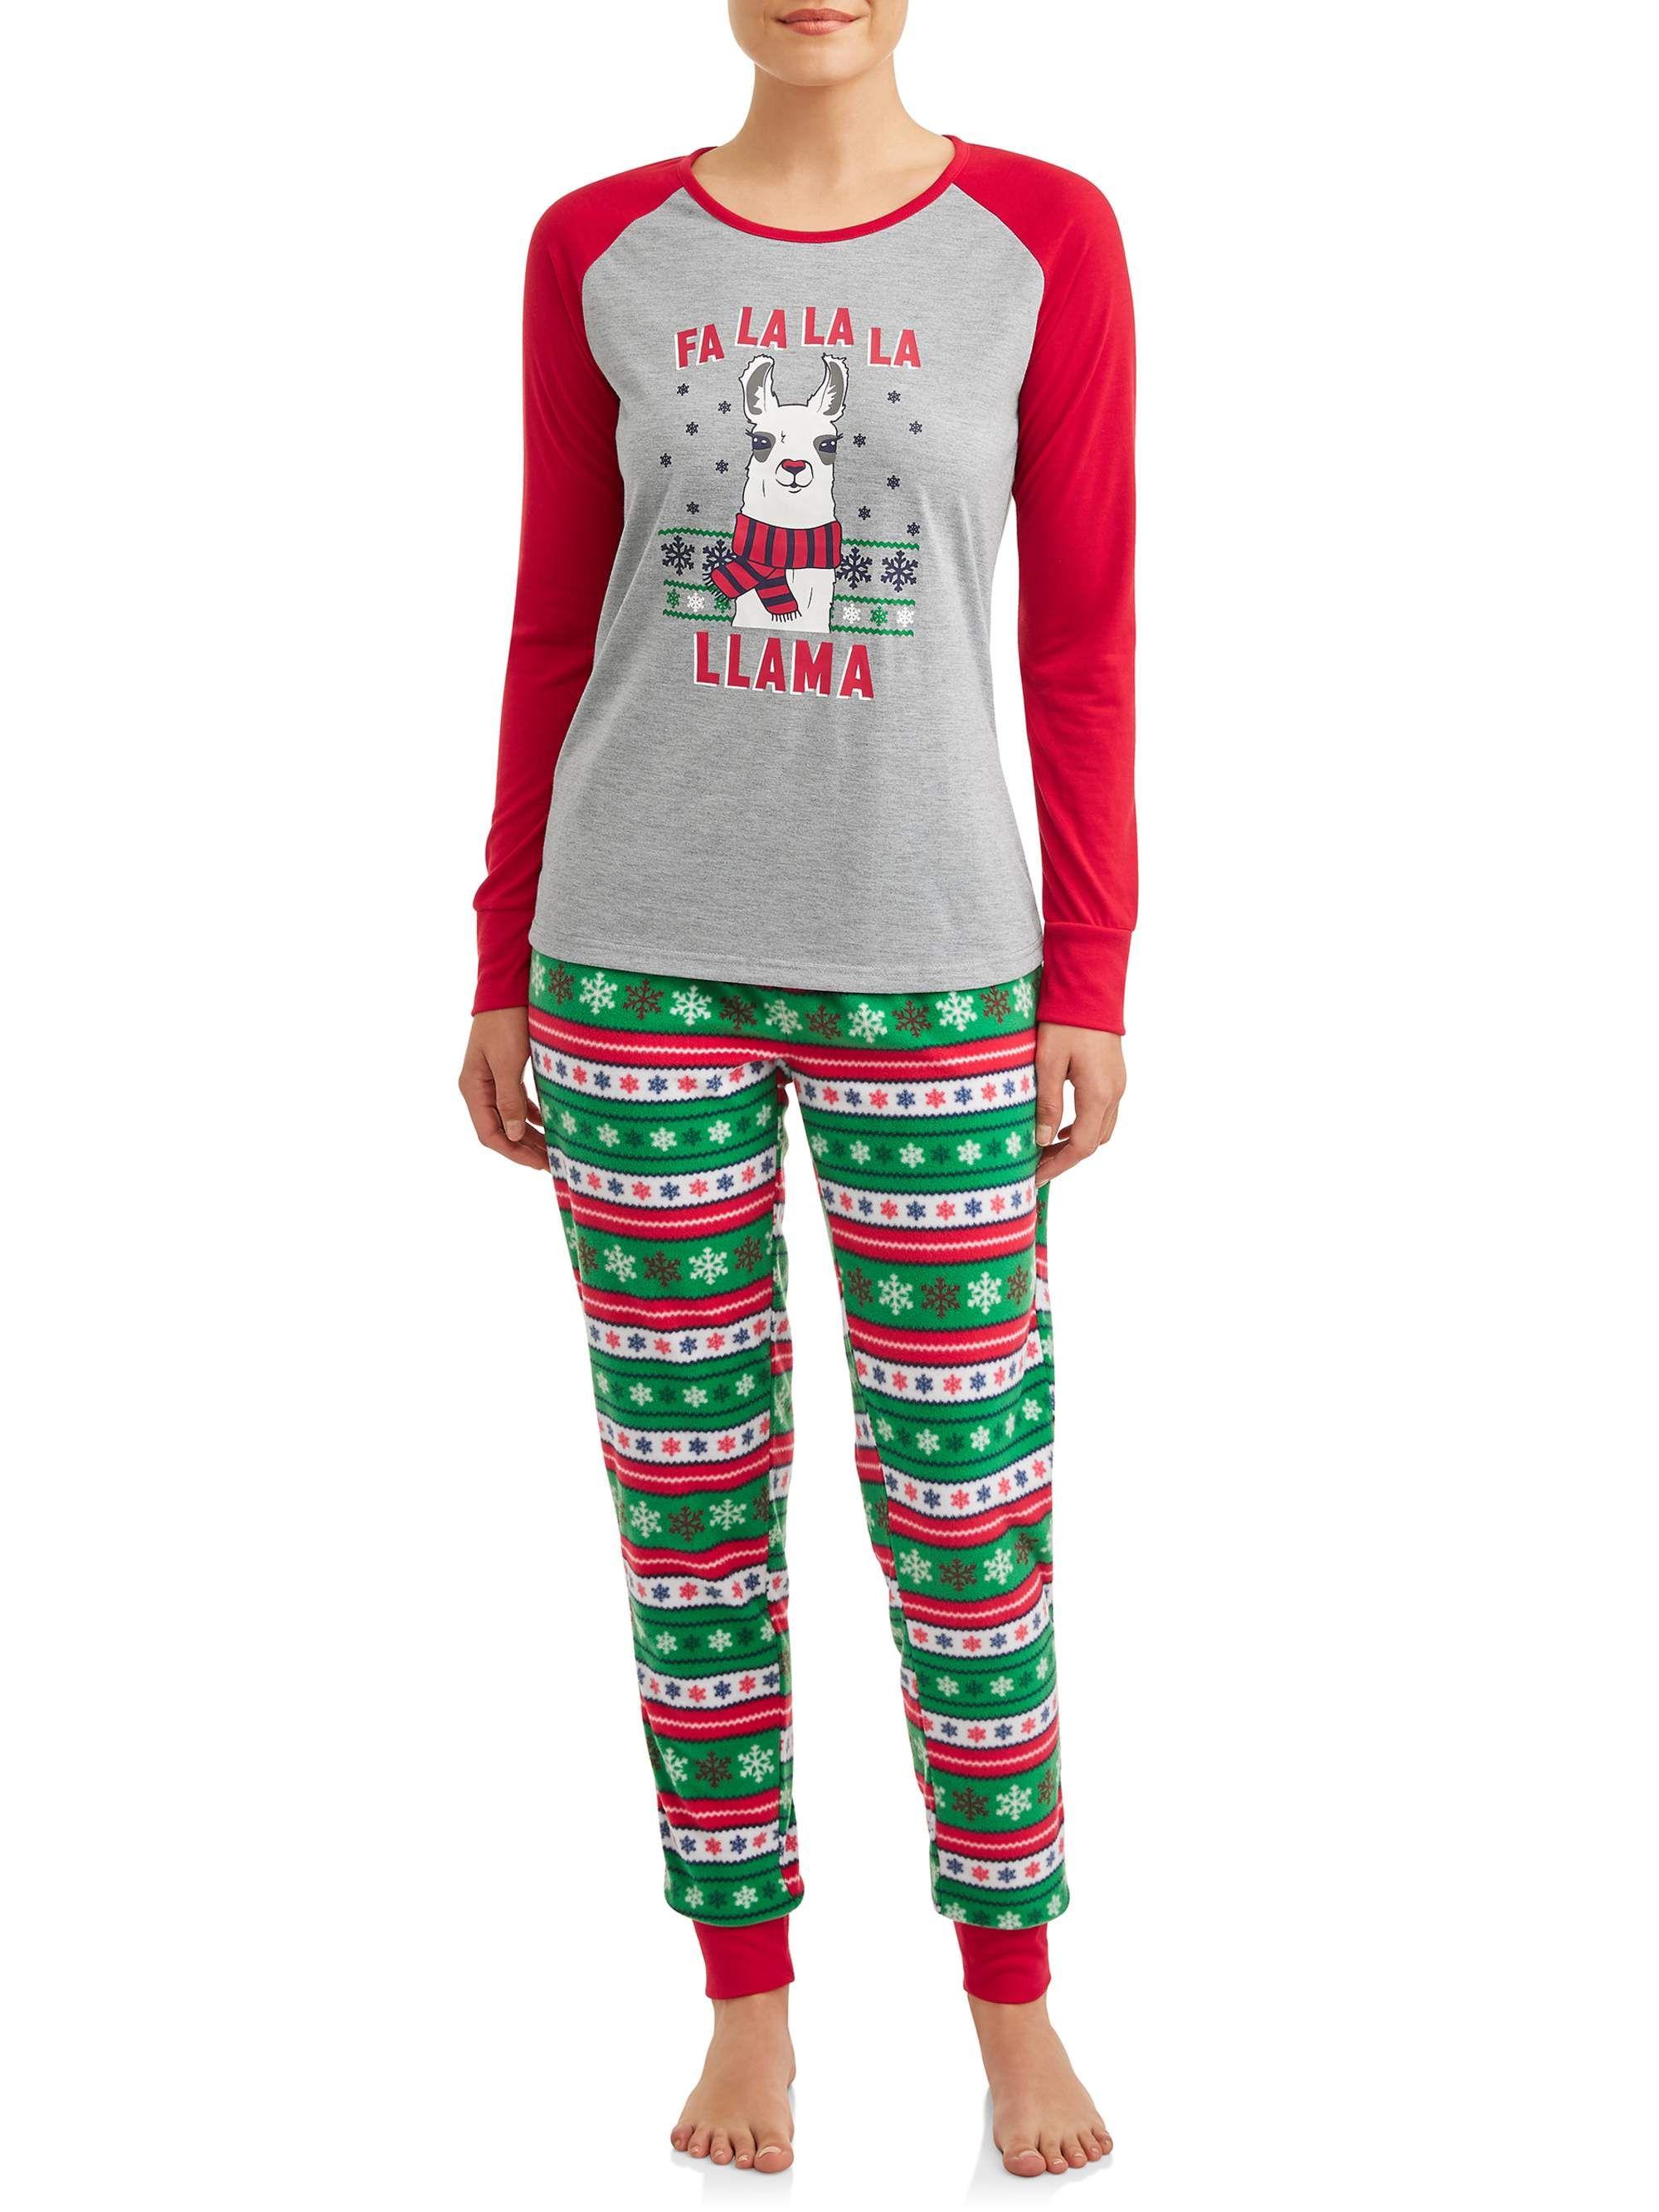 Clothing Matching family christmas pajamas, Cute pajama